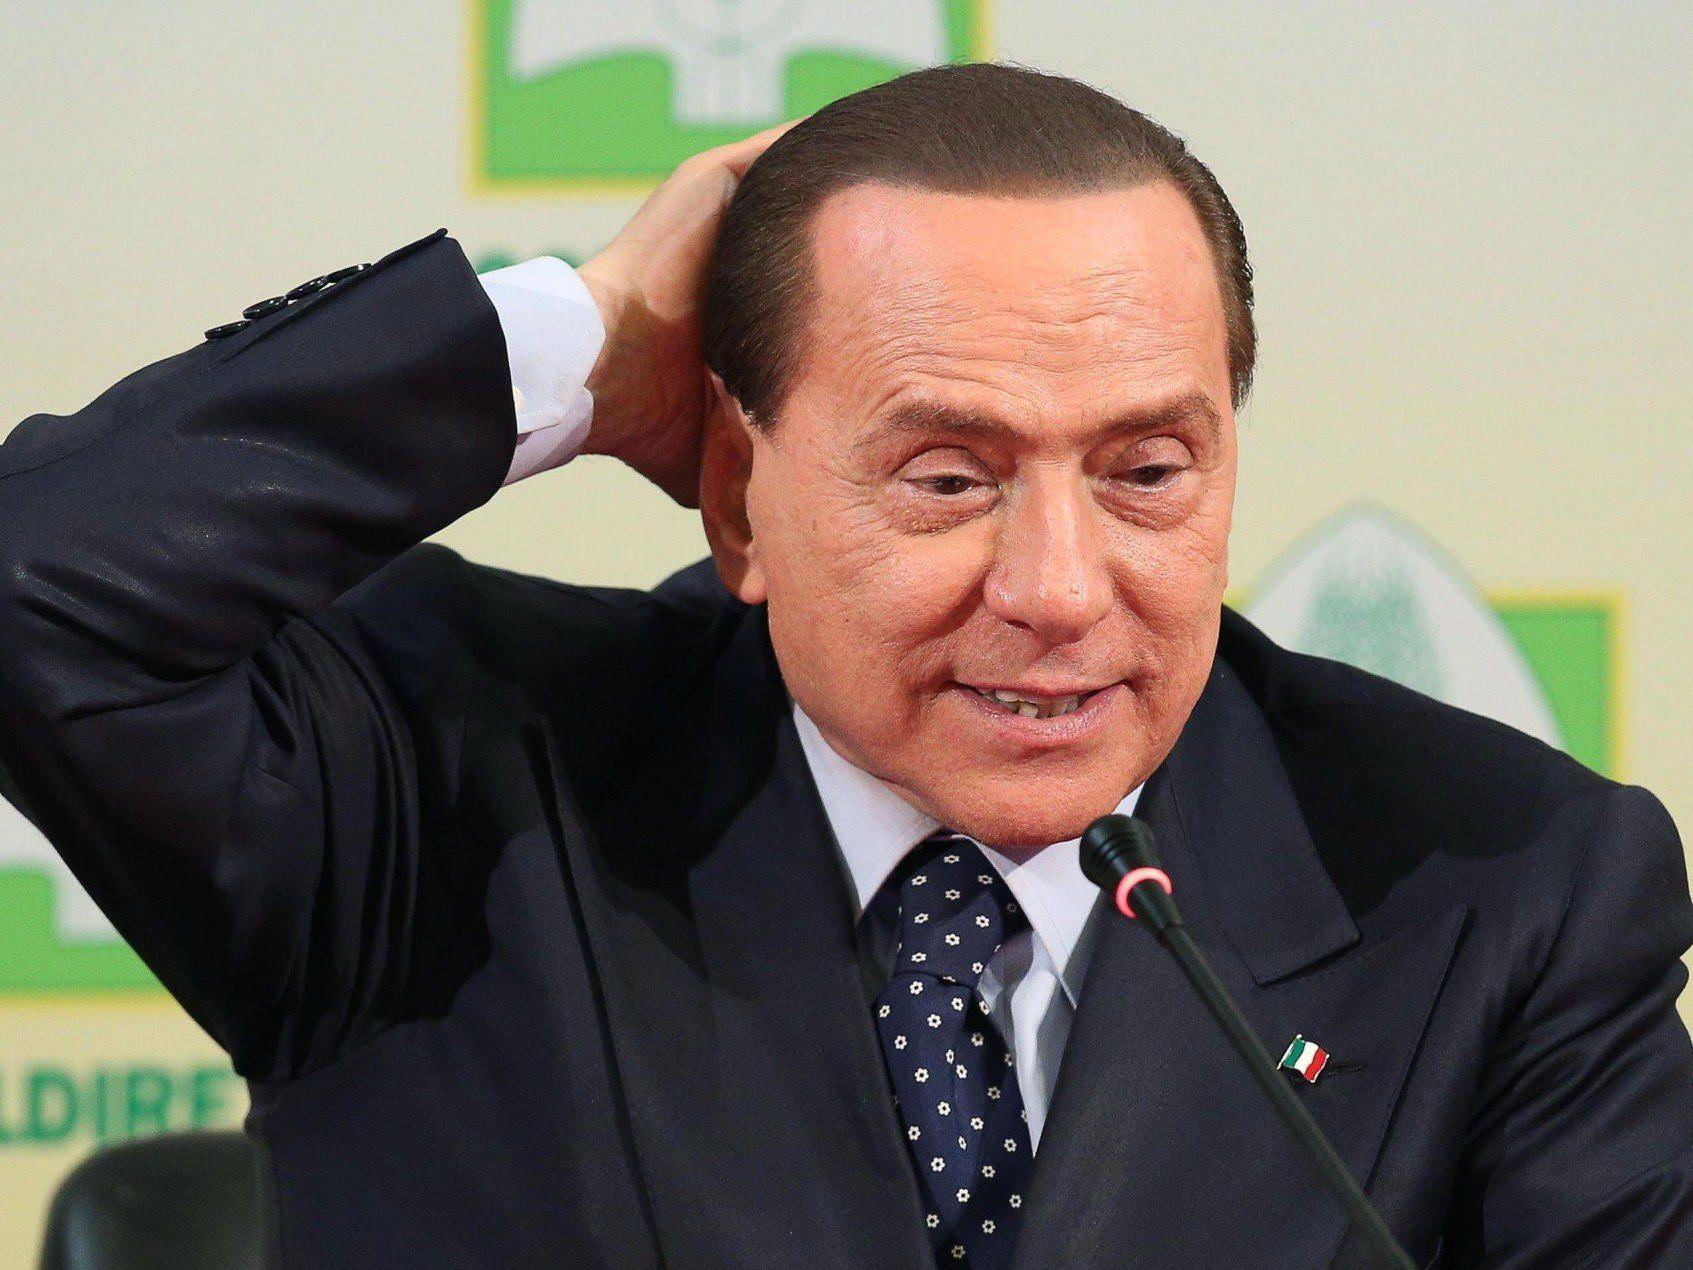 Lebenslanges Verbot öffentlicher Ämter für Italiens Ex-Premier Berlusconi.